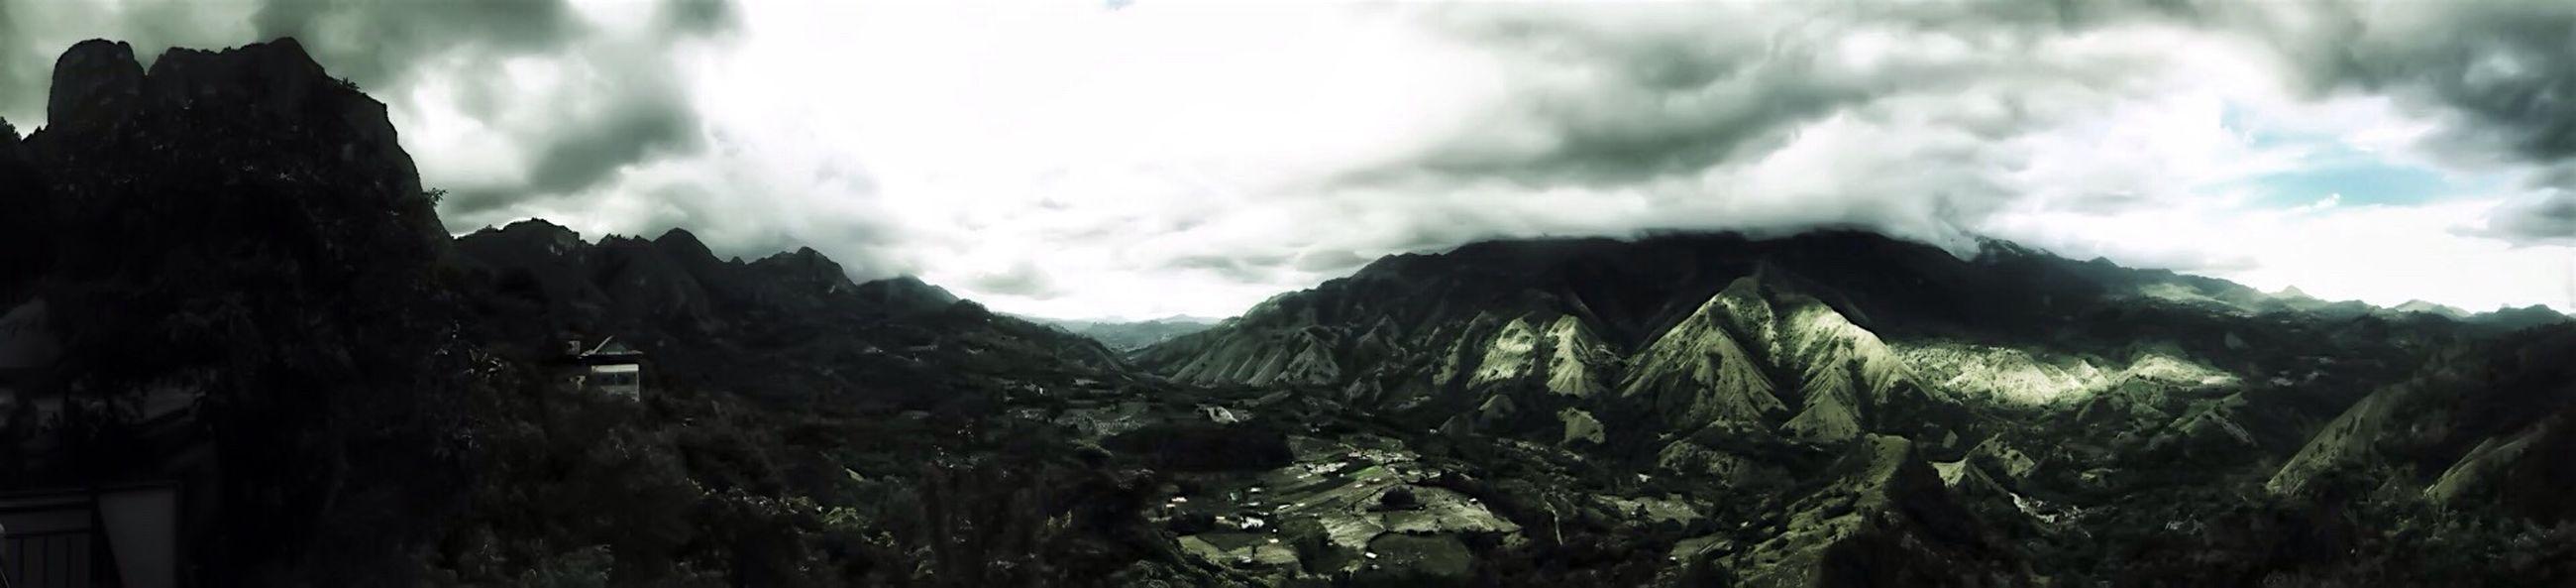 Panorama Bambapuang & Buttu Kabobong Mountains Landscape Outdoor Panoramic Panorama